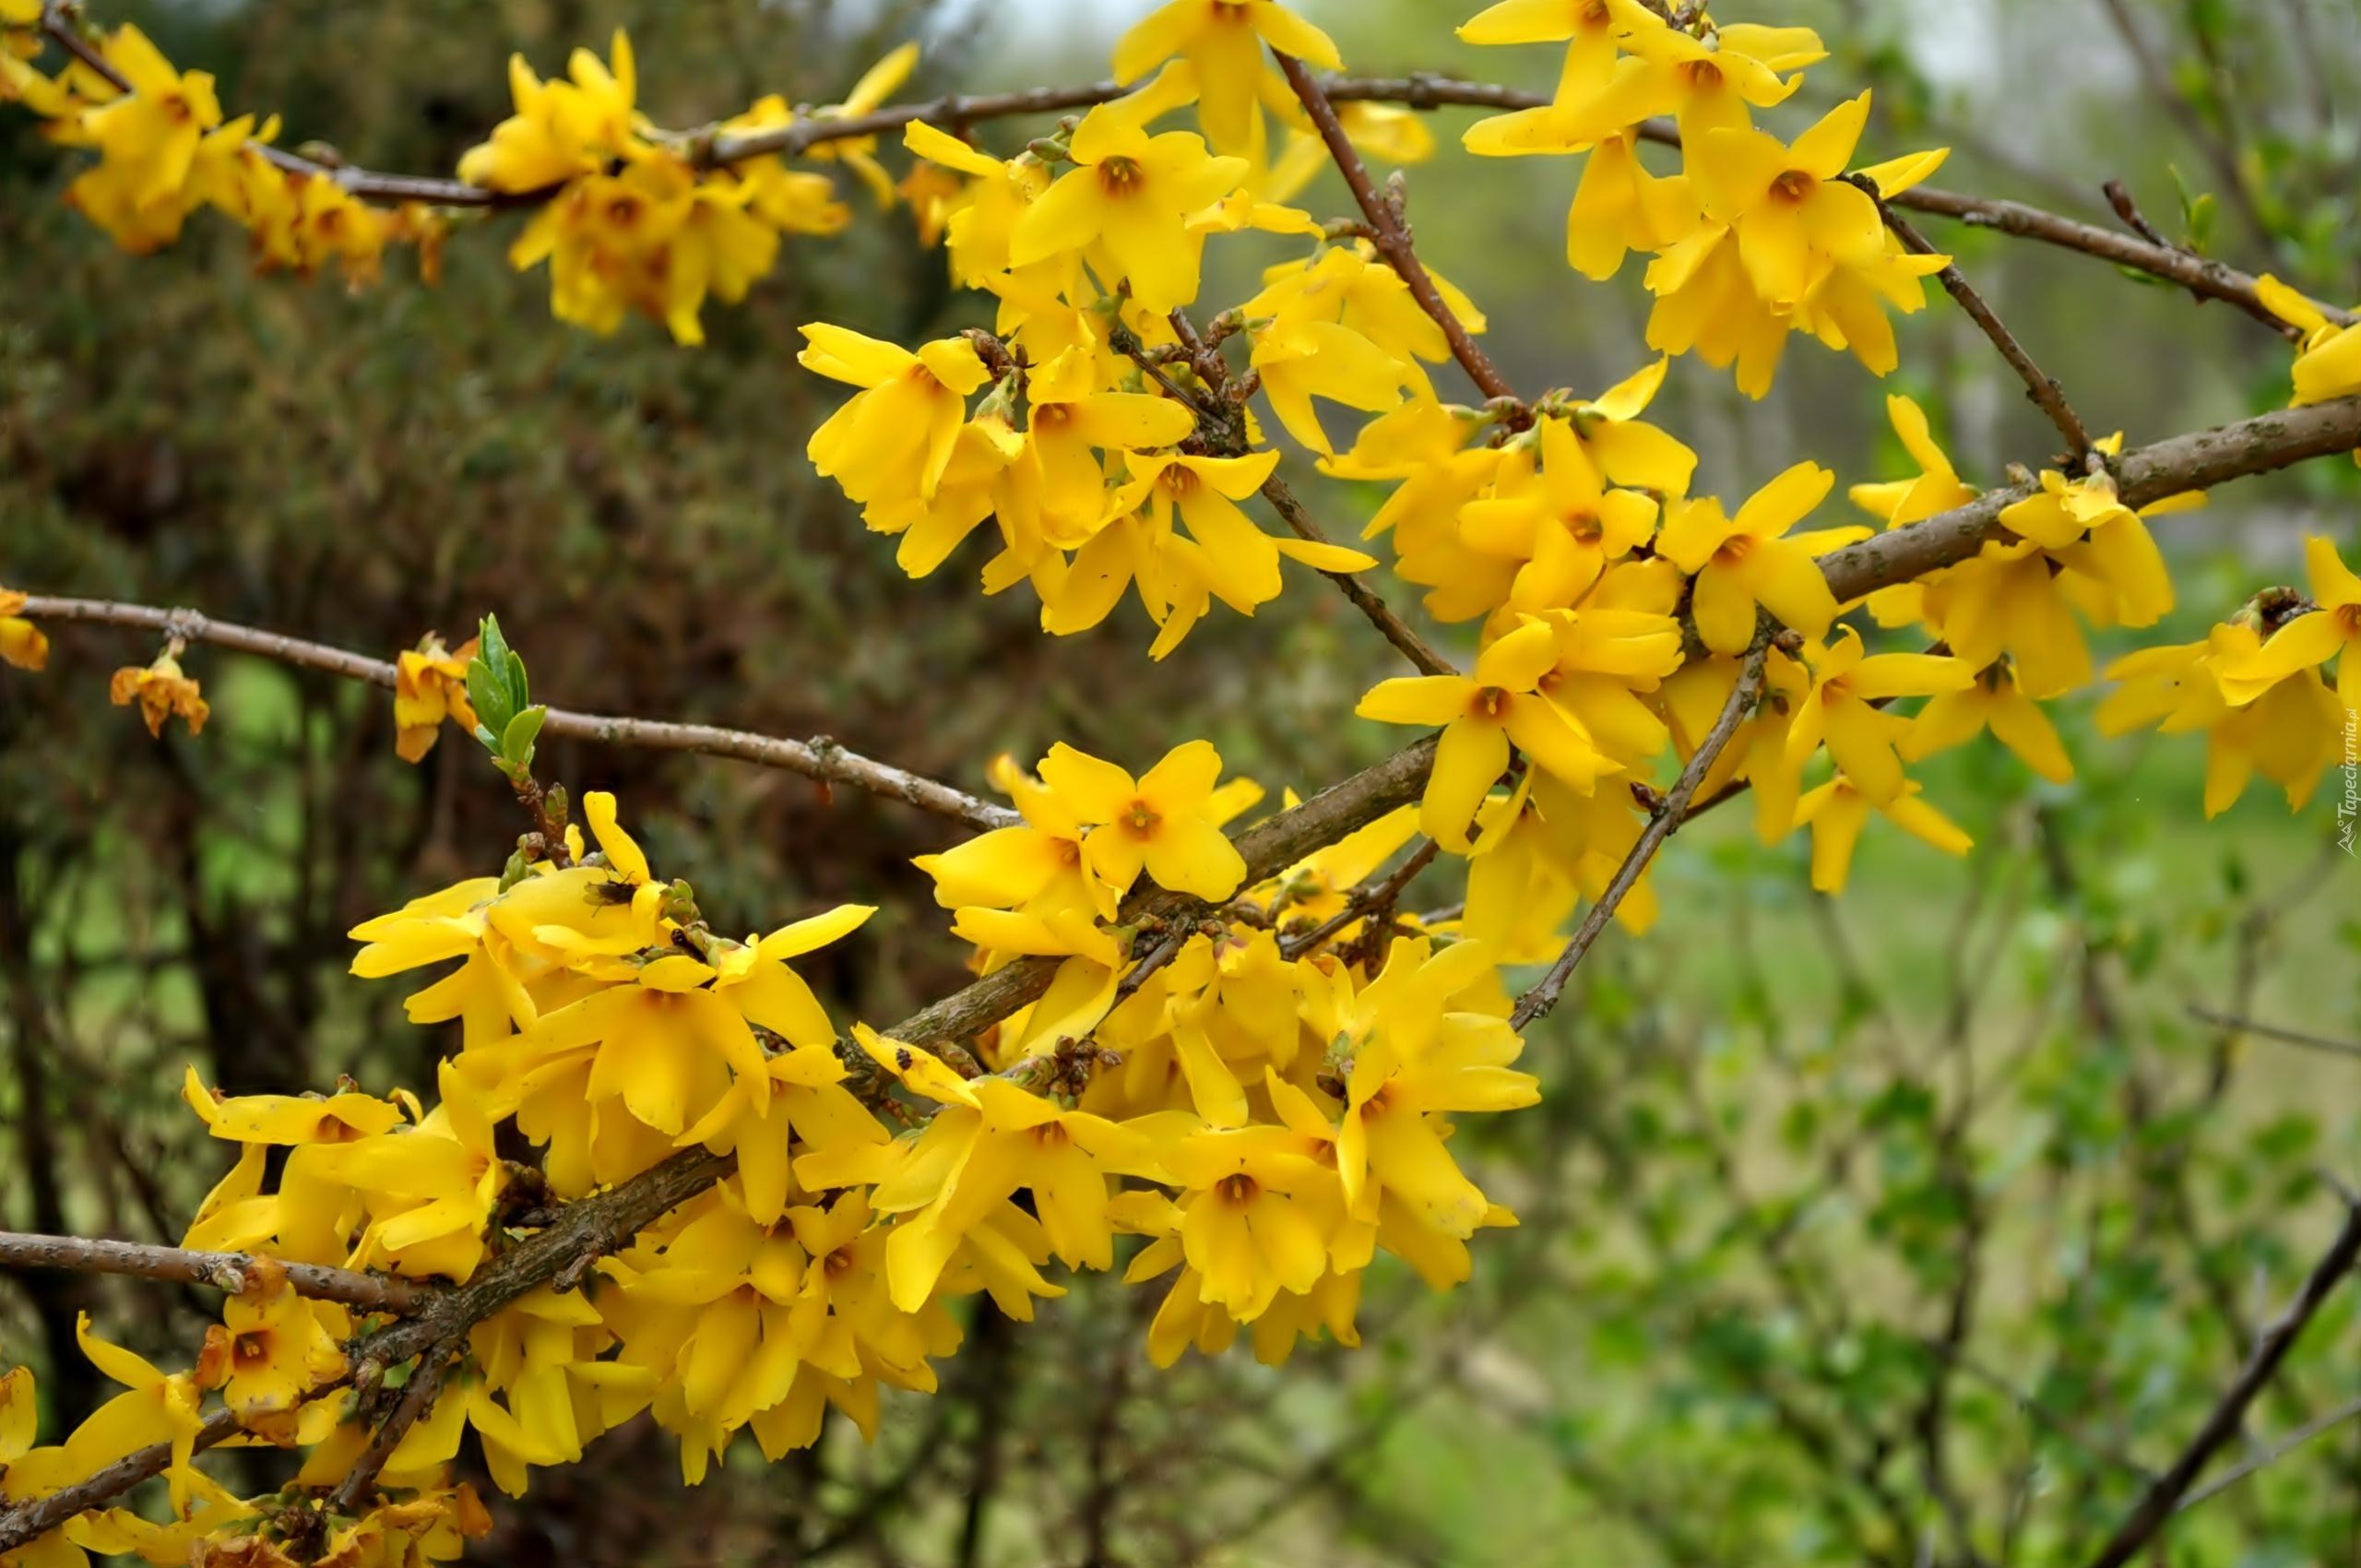 Zolte Kwiaty Kwitnacy Krzew Forsycja